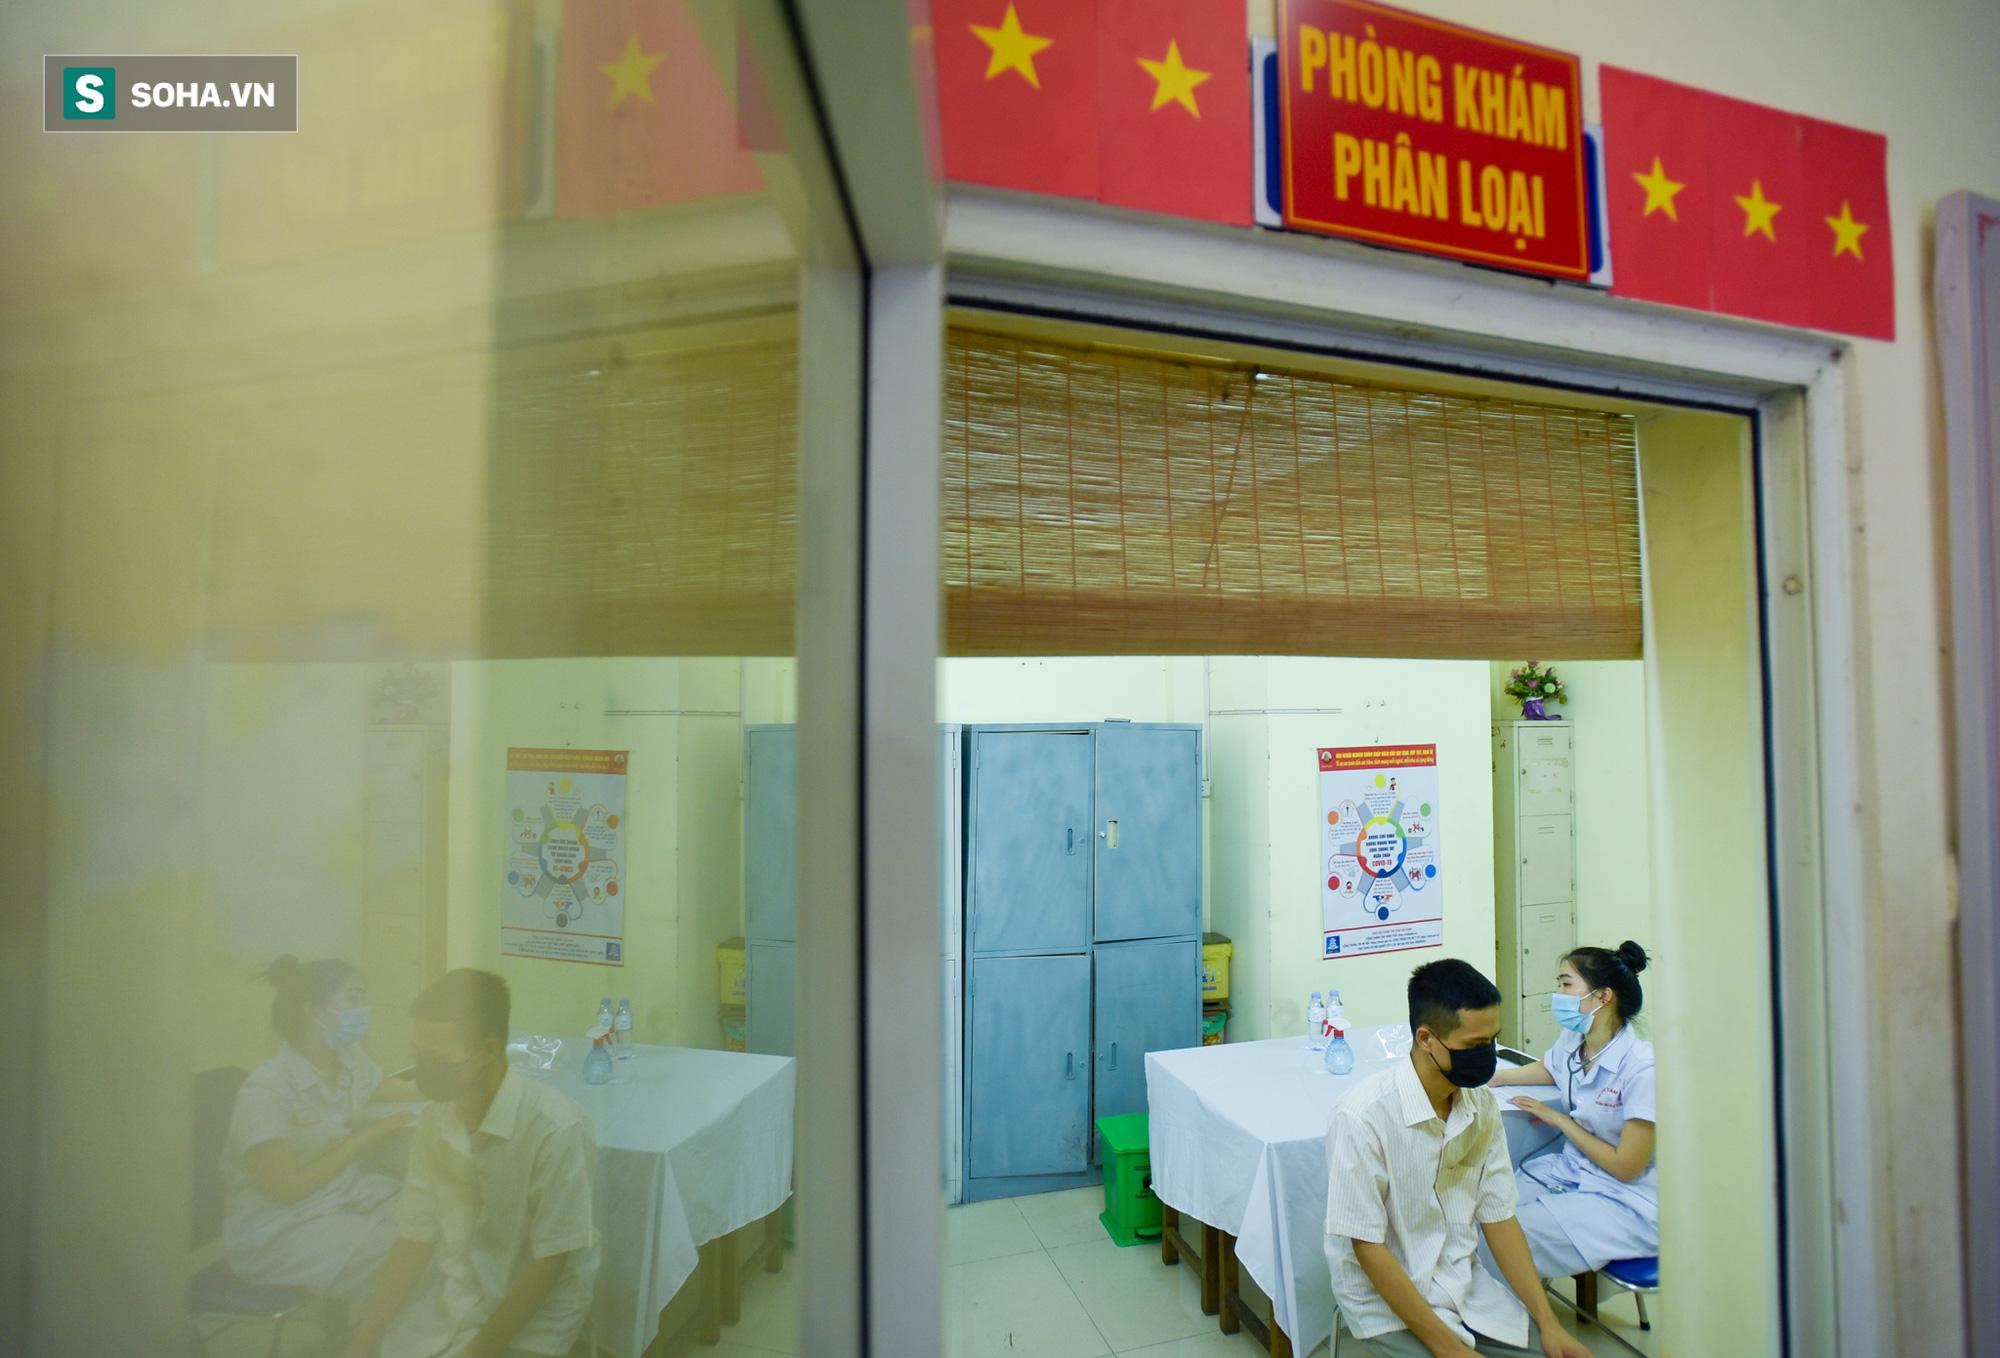 Hà Nội bắt đầu tiêm vaccine Covid-19 trên diện rộng - Ảnh 2.